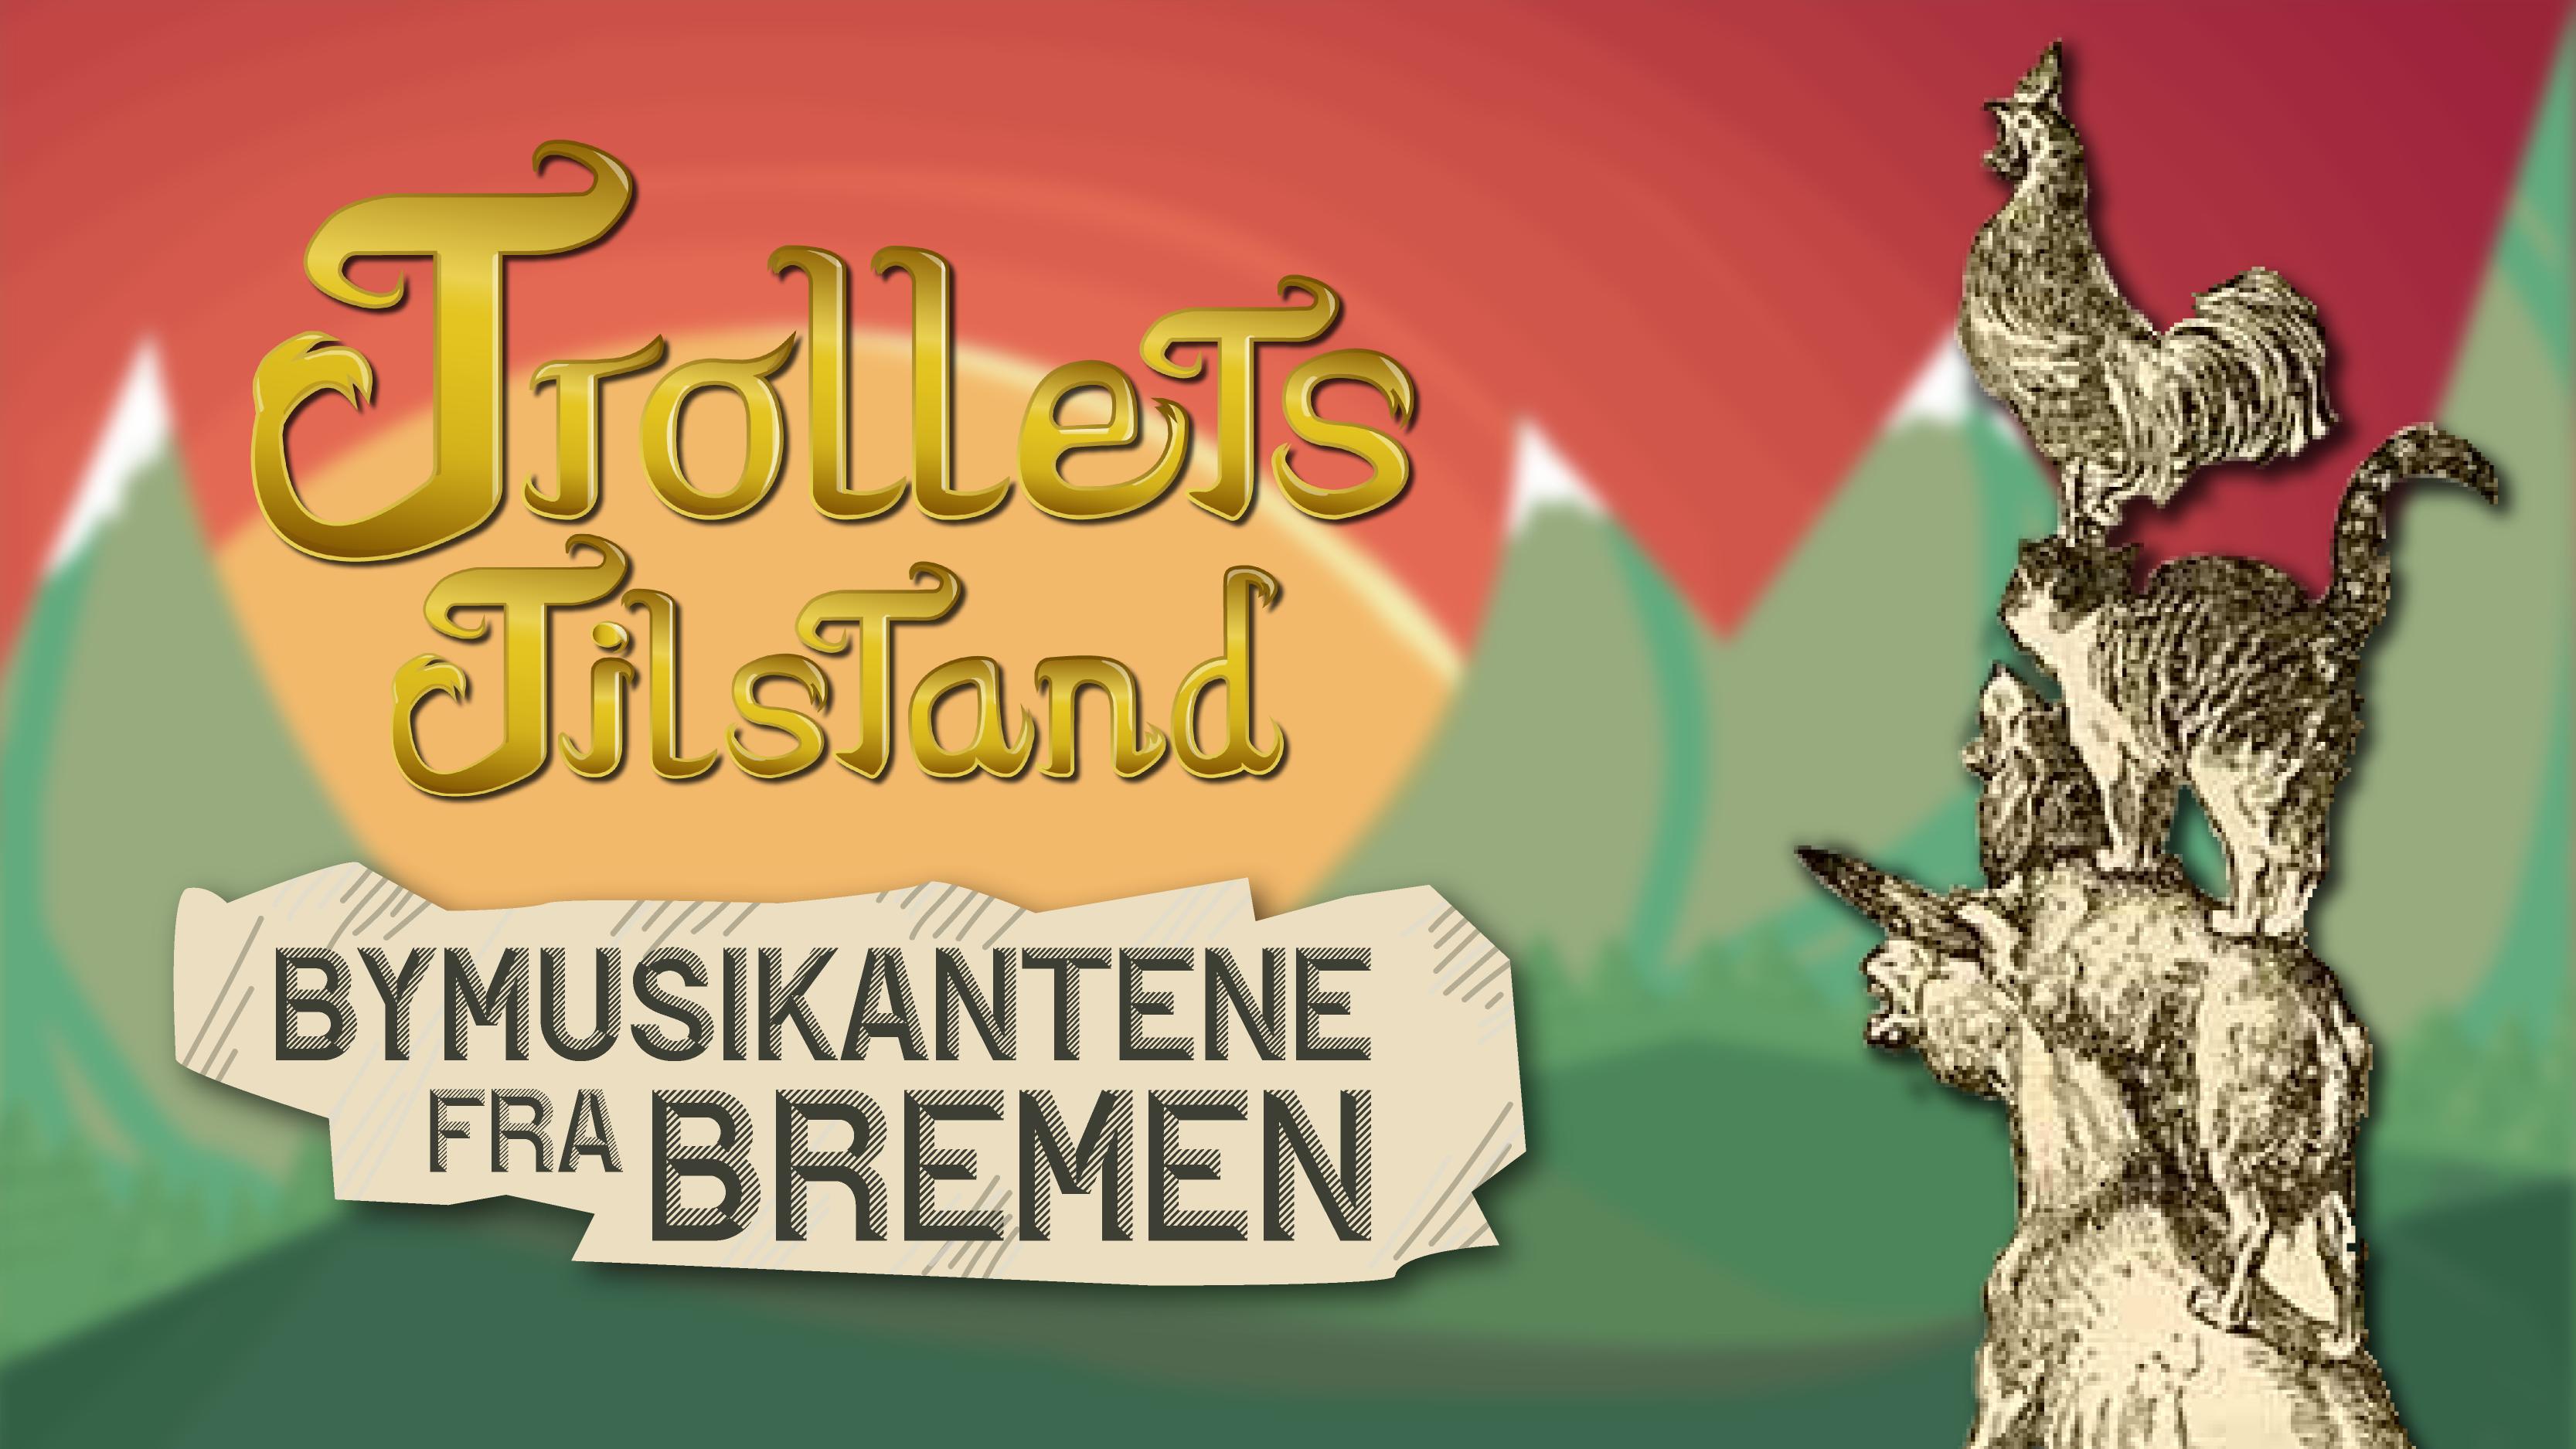 Trollets Tilstand: Bymusikantene fra Bremen